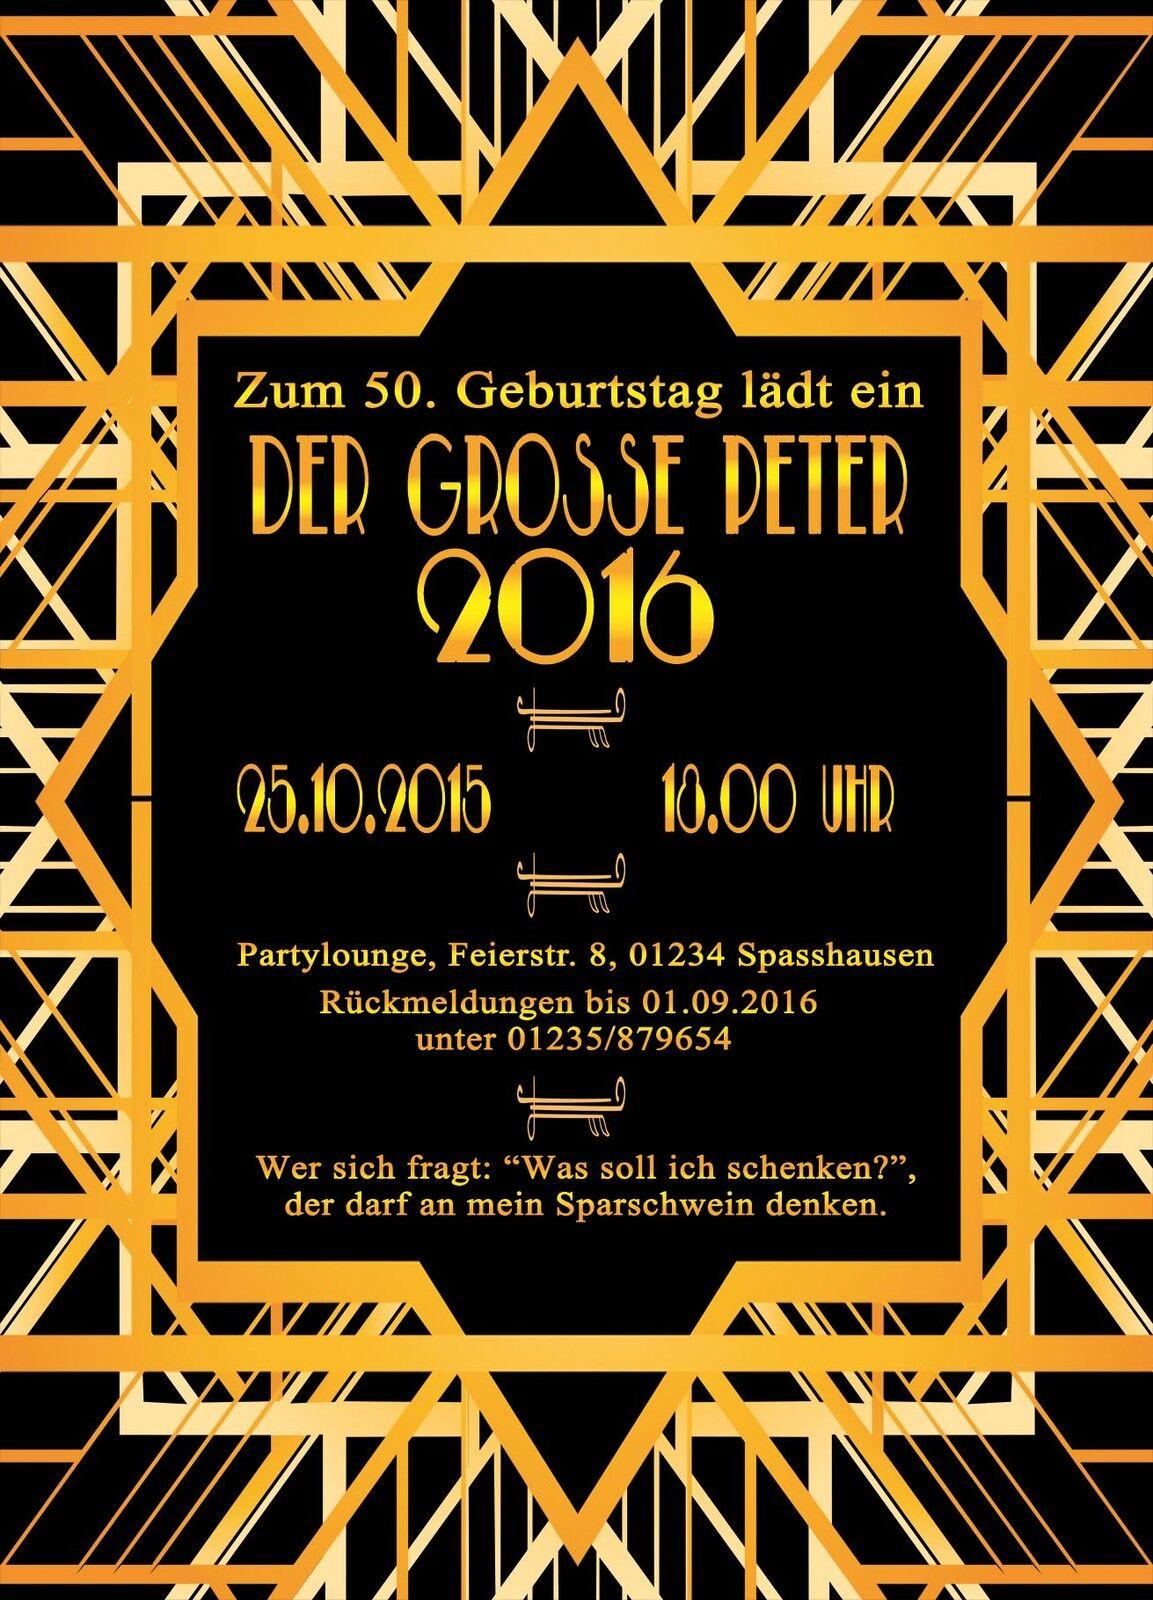 Einladung zum Geburtstag Retro Gold Gatsby Party 30 40 50 60 70 Eintrittskarte